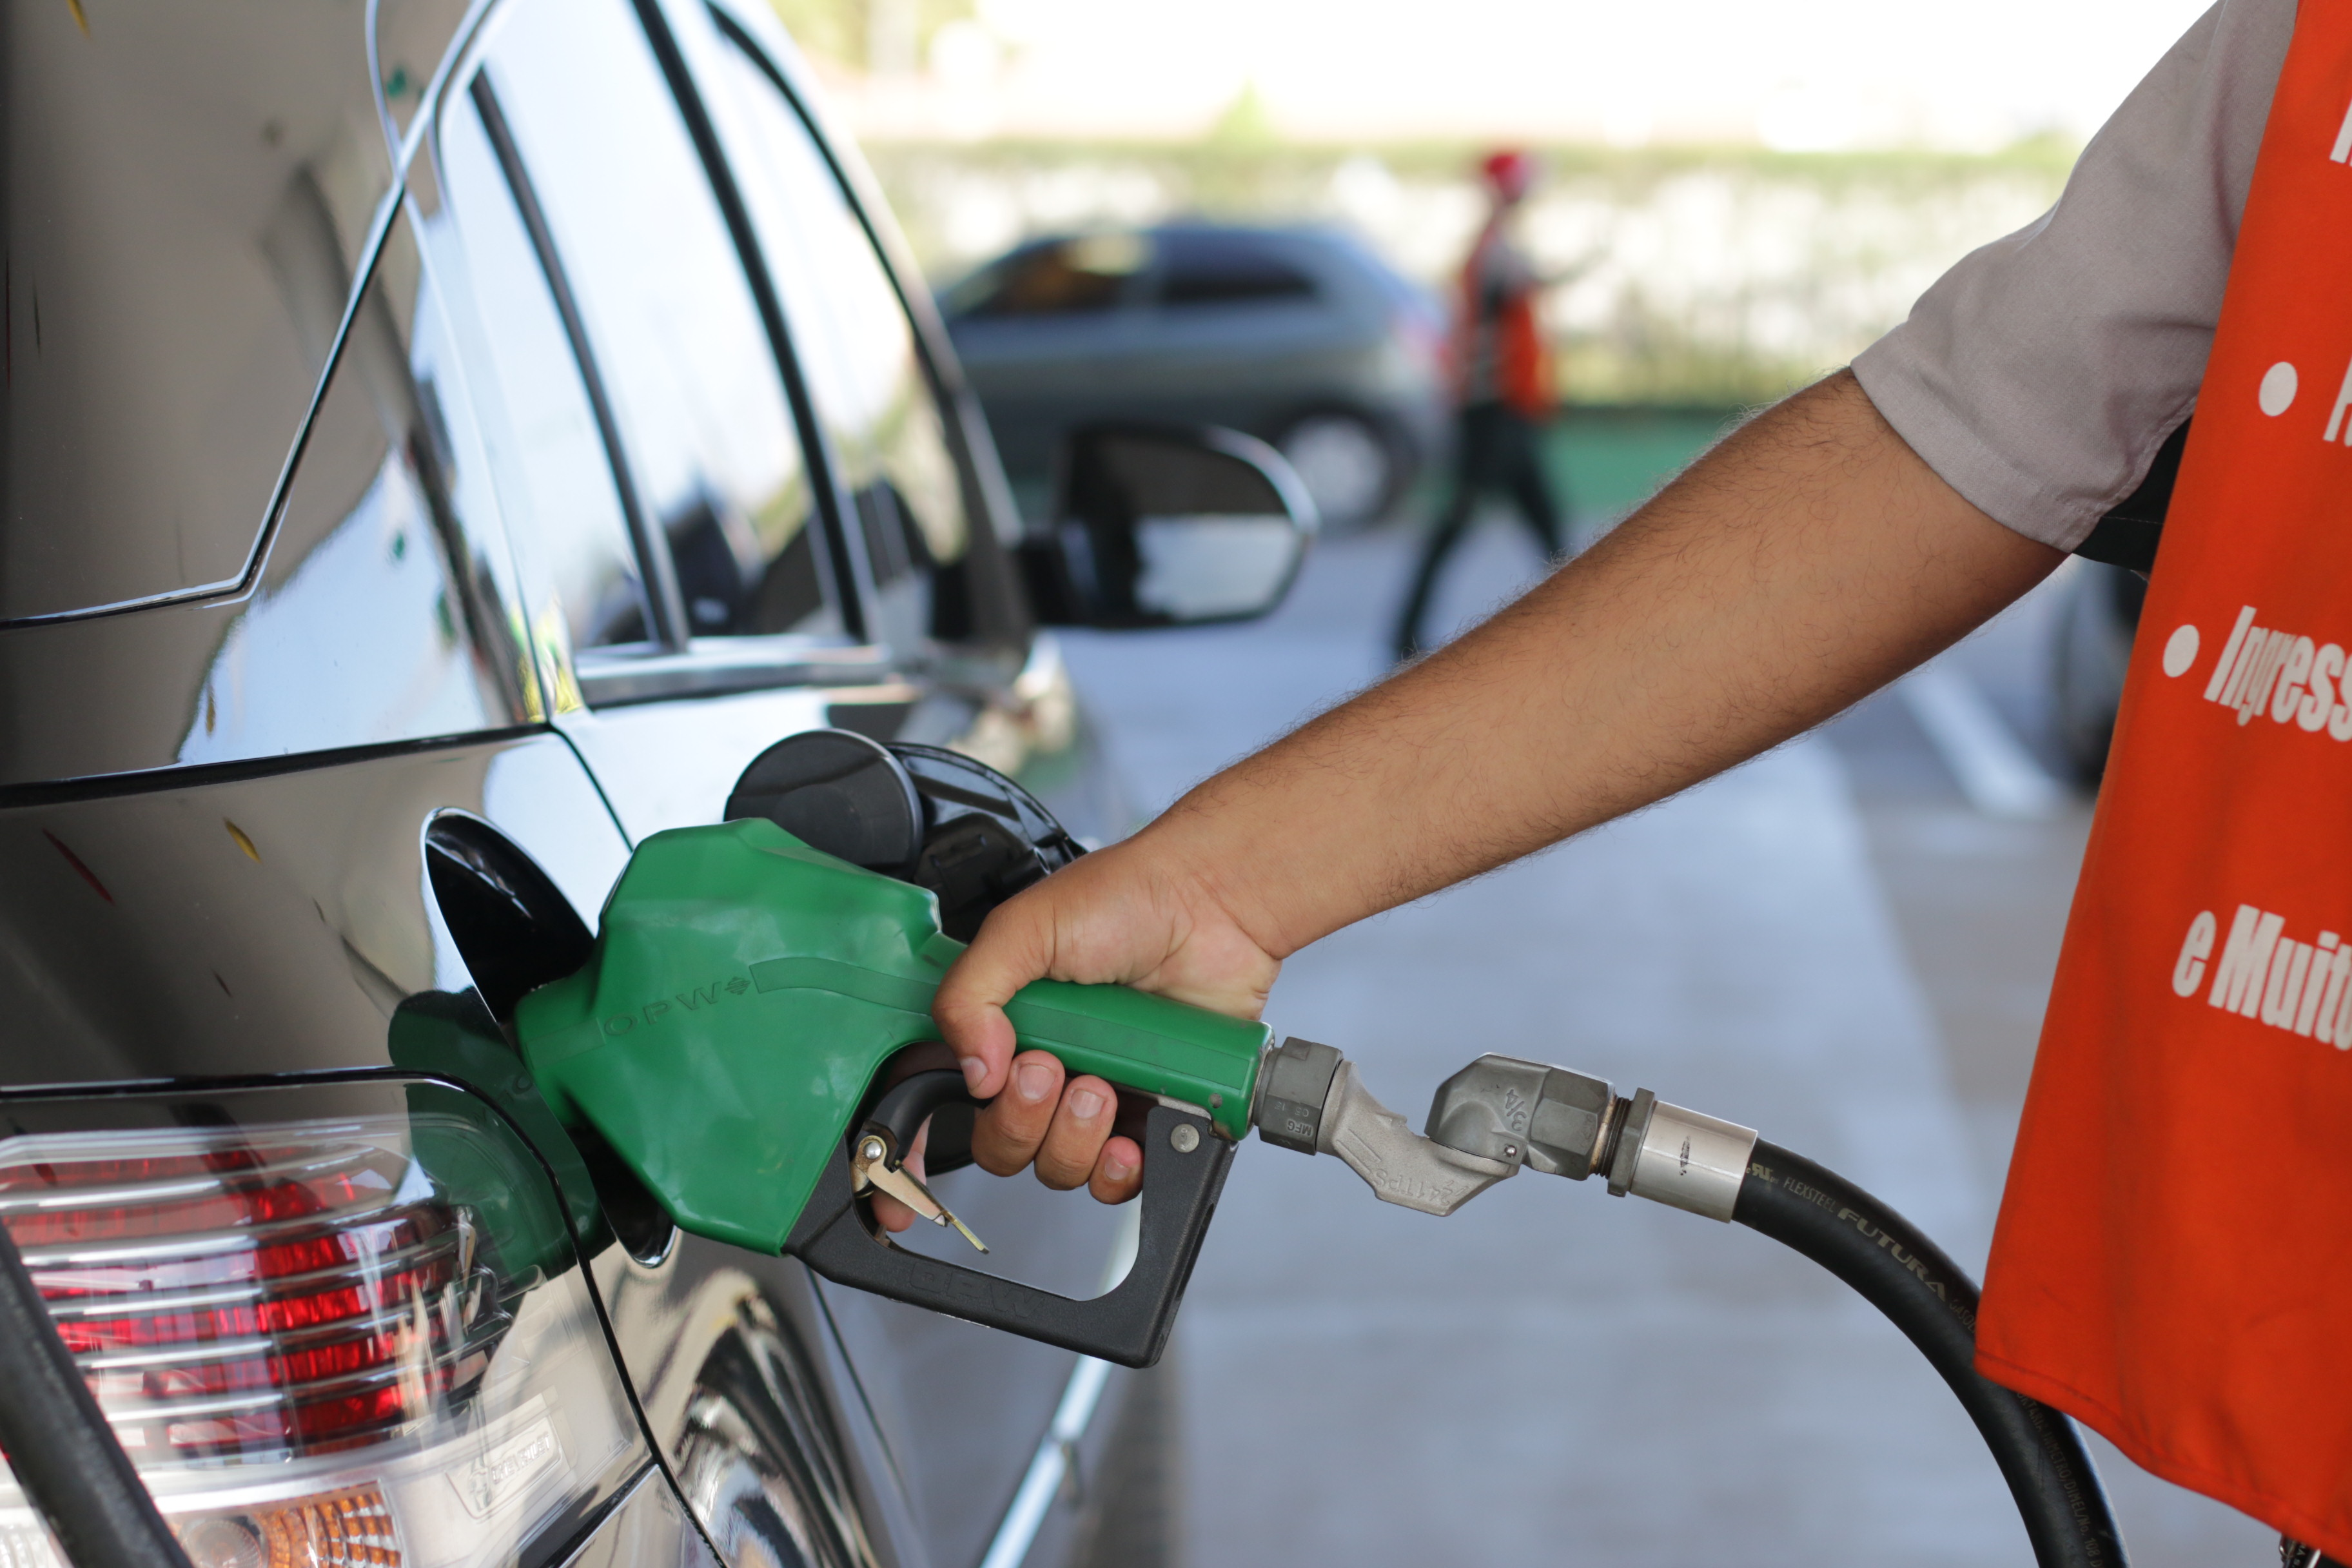 MARACANAÚ, CE, BRASIL, 26-11-2015: Detalhe de frentista que abastece carro em posto BR em Maracanaú. Aumento no preço dos combustíveis. (Foto: Rodrigo Carvalho/O POVO)